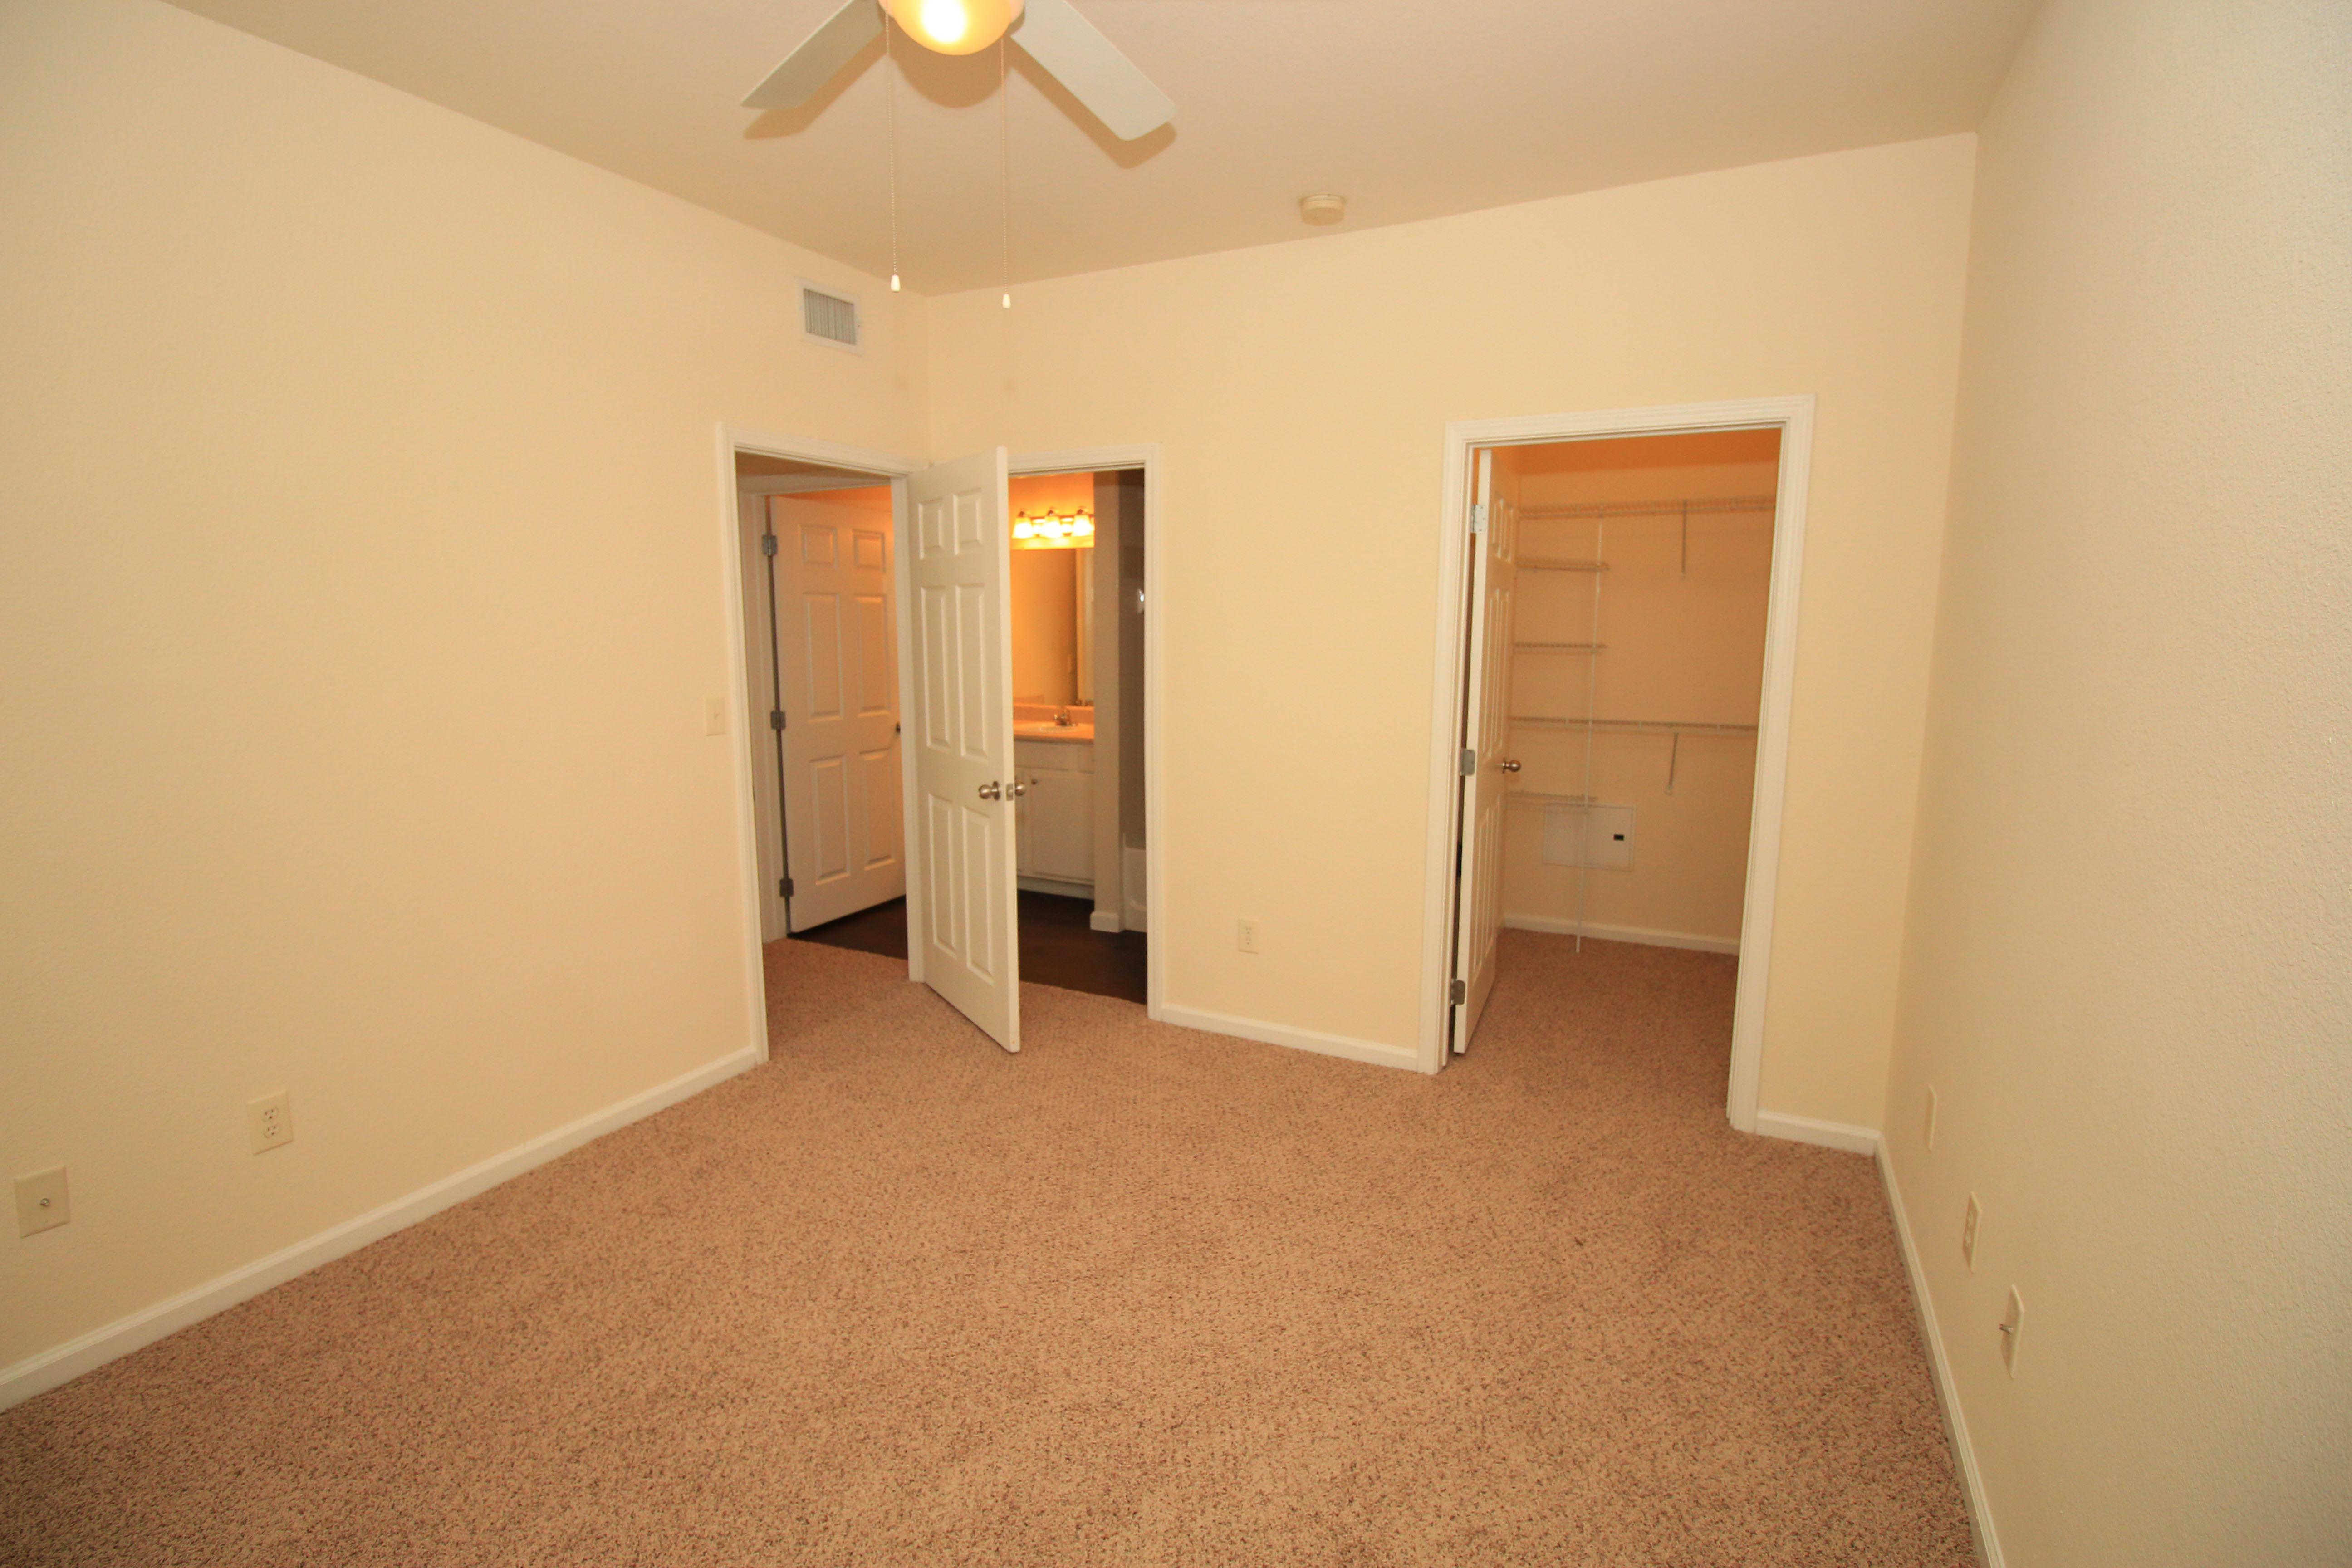 Bedroom at The Oxford at Estonia Apartments in San Antonio, TX